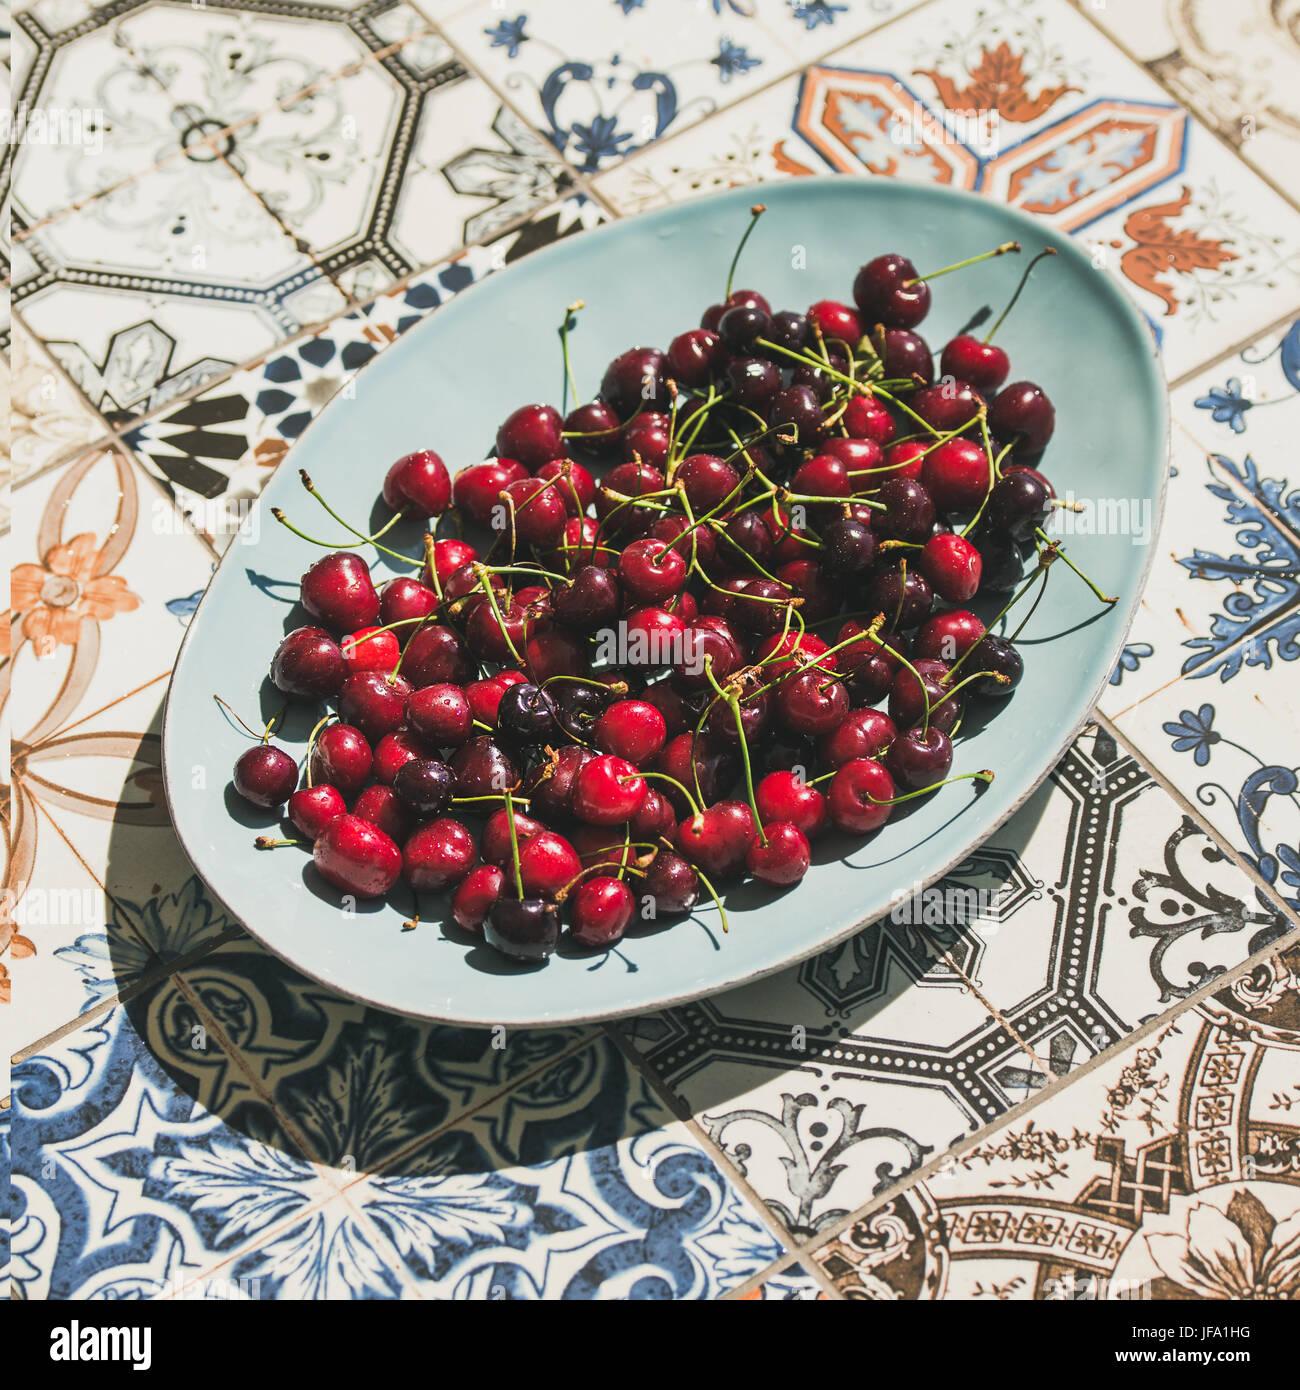 Fresche ciliege dolci nella piastra su oriental piastrelle ceramiche sfondo Immagini Stock